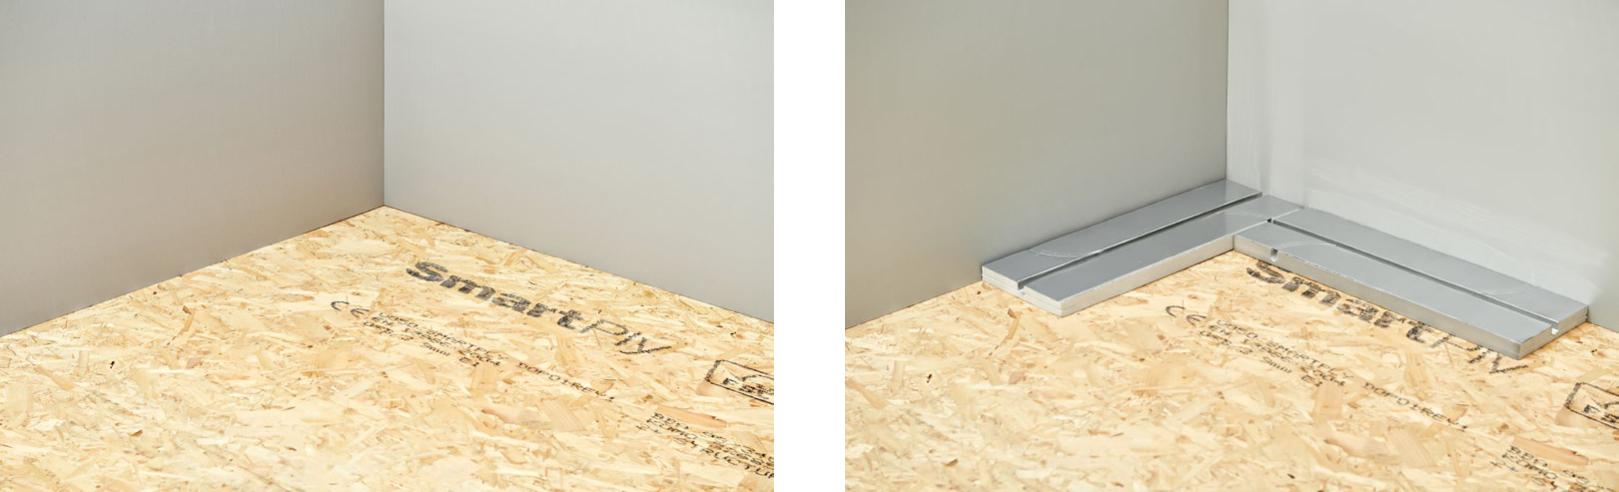 Монтаж фольгированной панели в деревянном доме